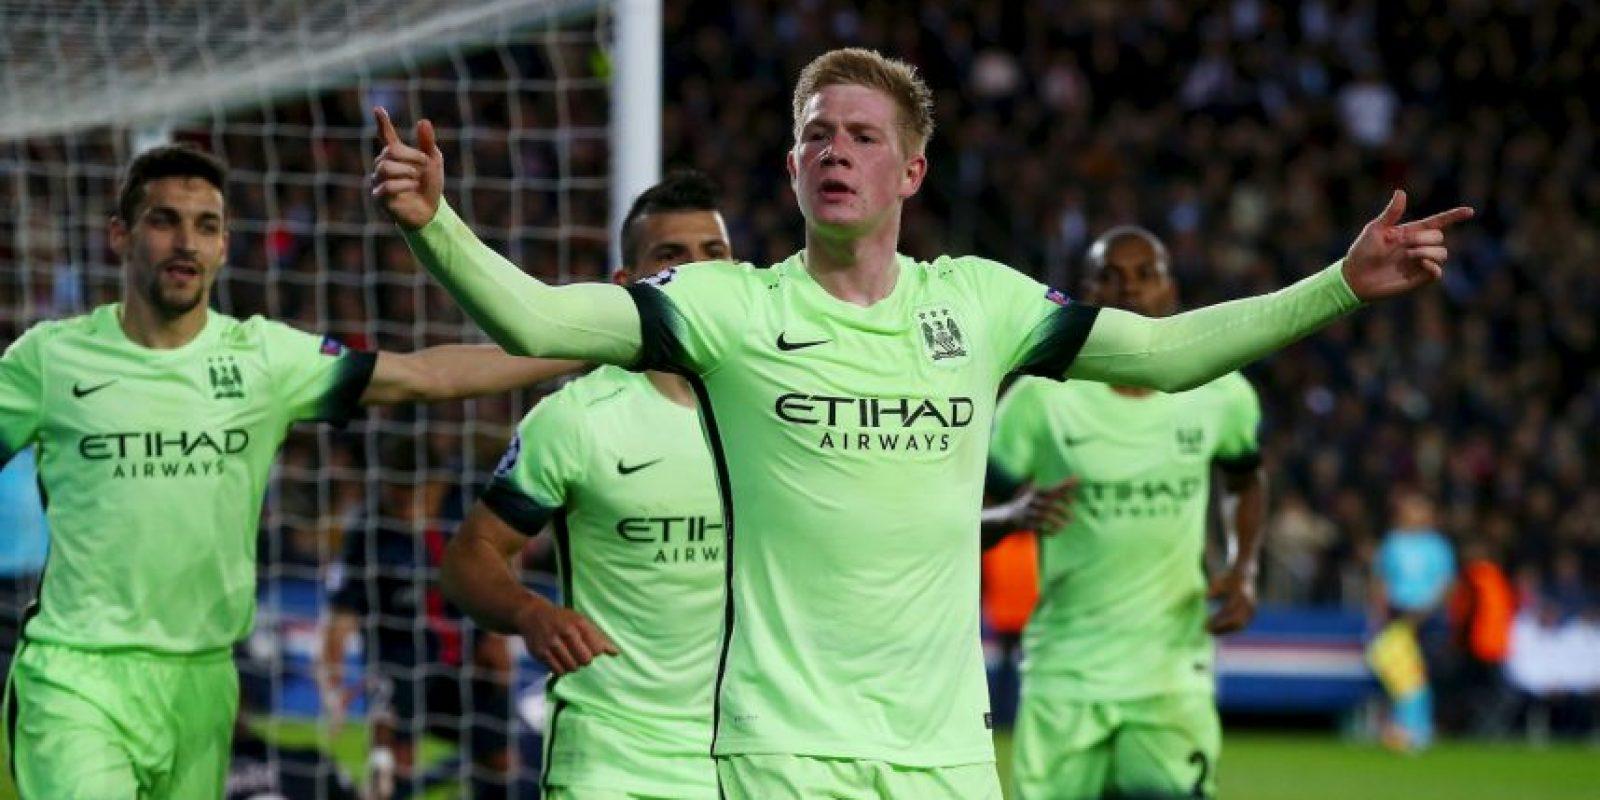 Con la eliminatoria igualada, todo se definirá en Inglaterra Foto:Getty Images